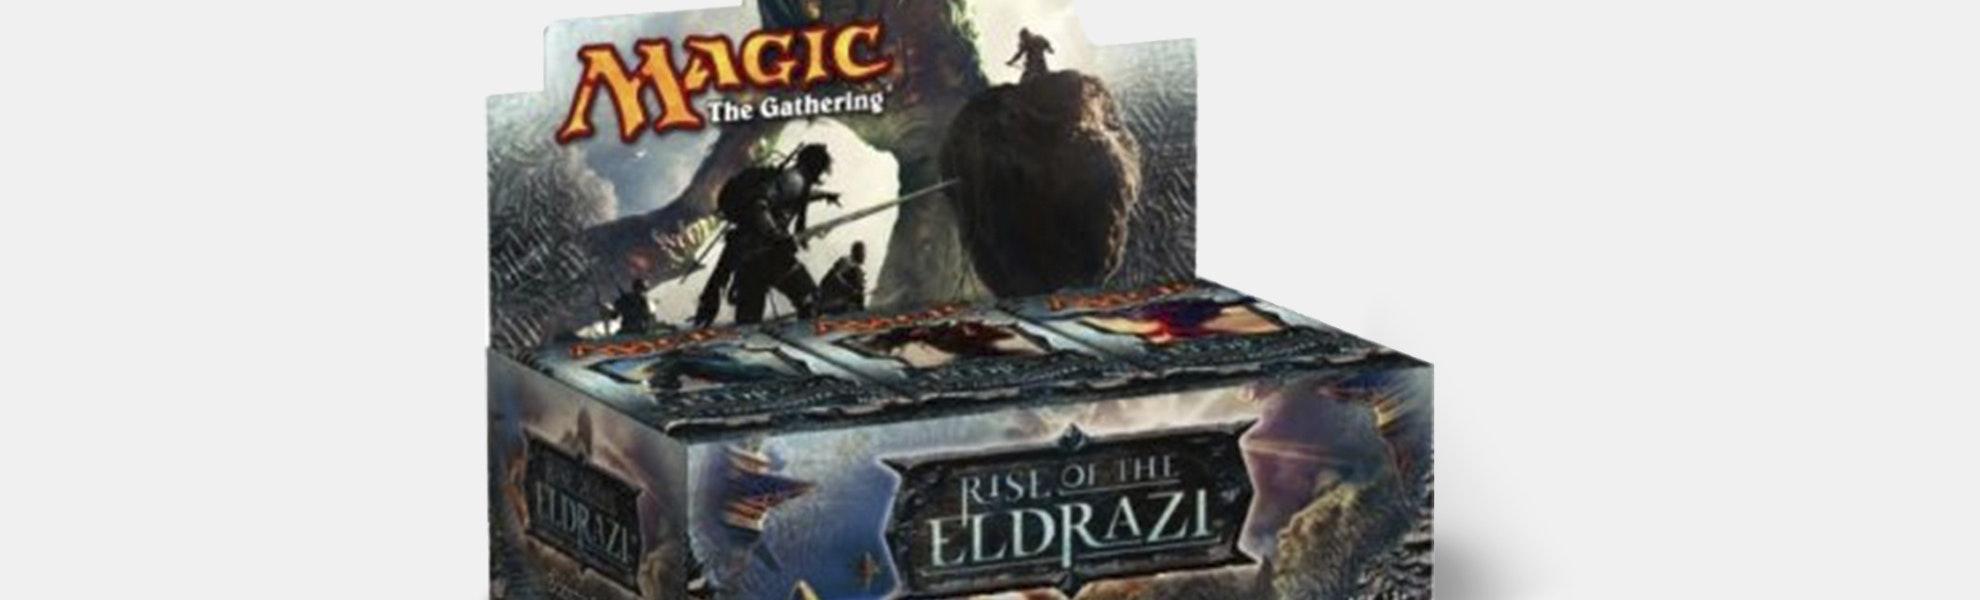 Rise of the Eldrazi Booster Box